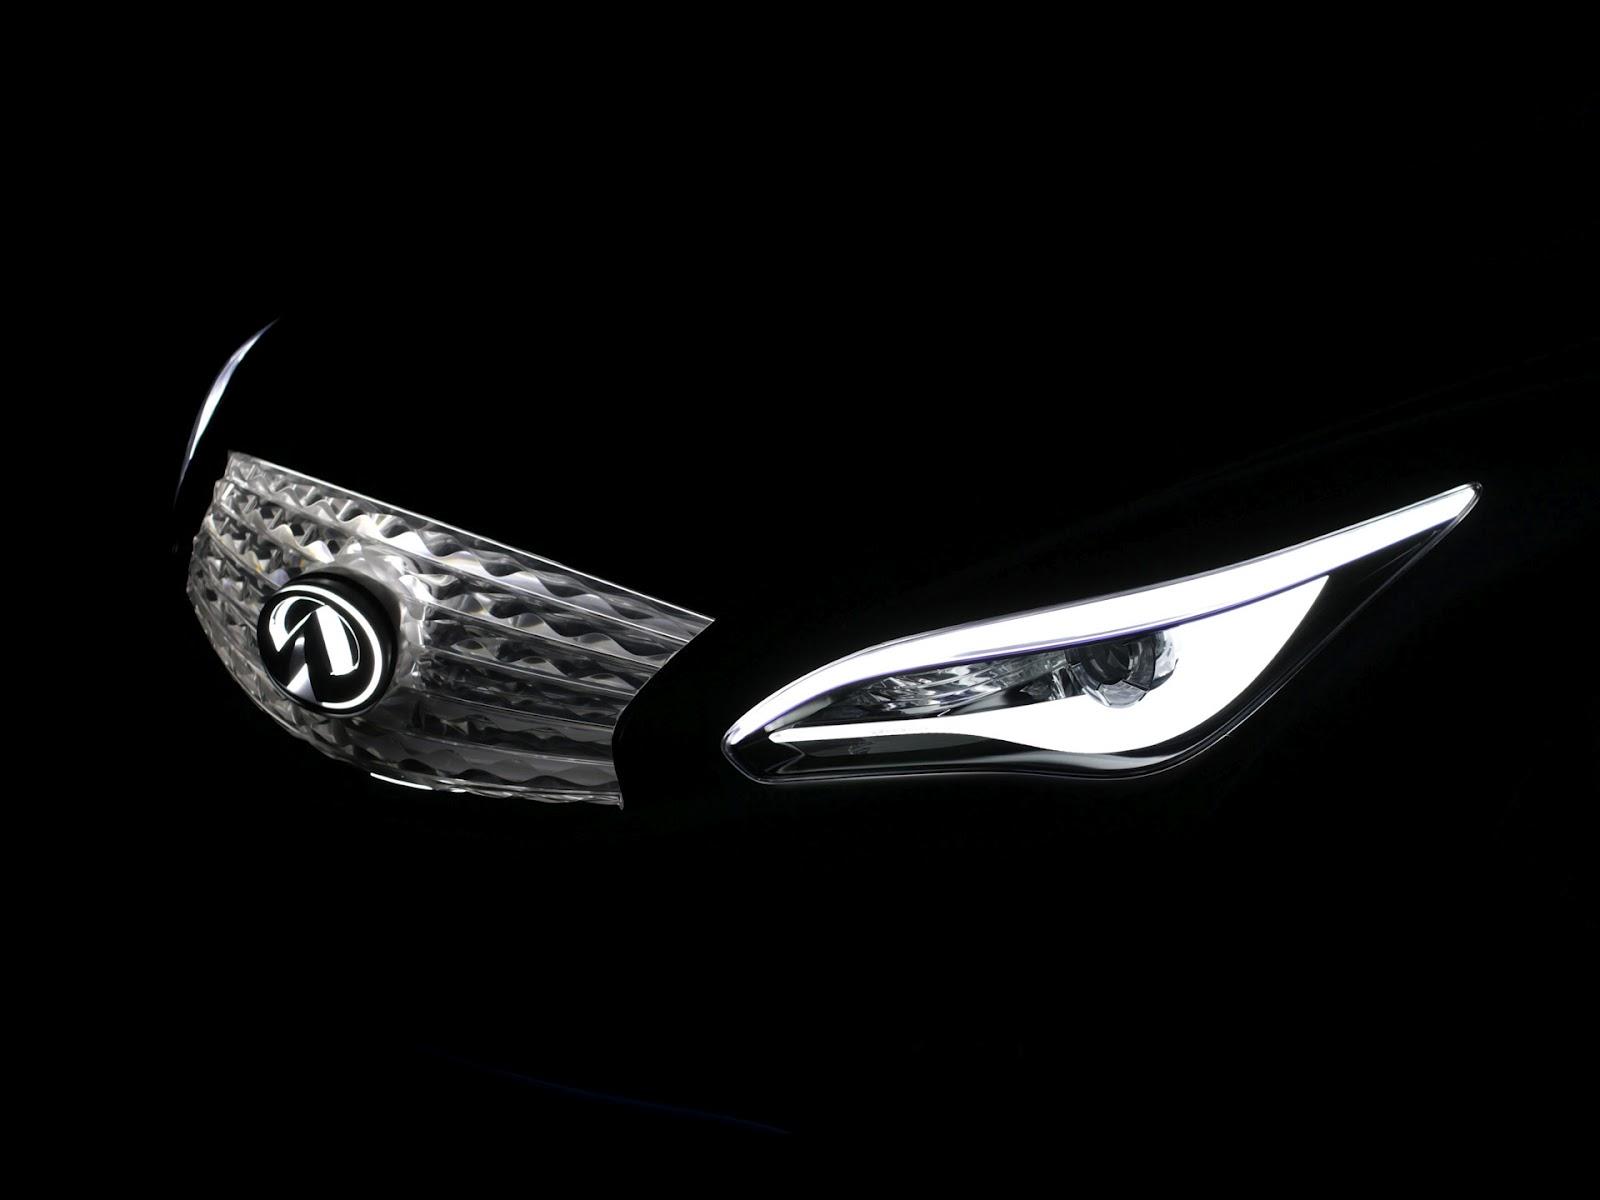 2012 infiniti le concept zero emission luxury sedan news hot car 2012 le concept gauges vanachro Image collections